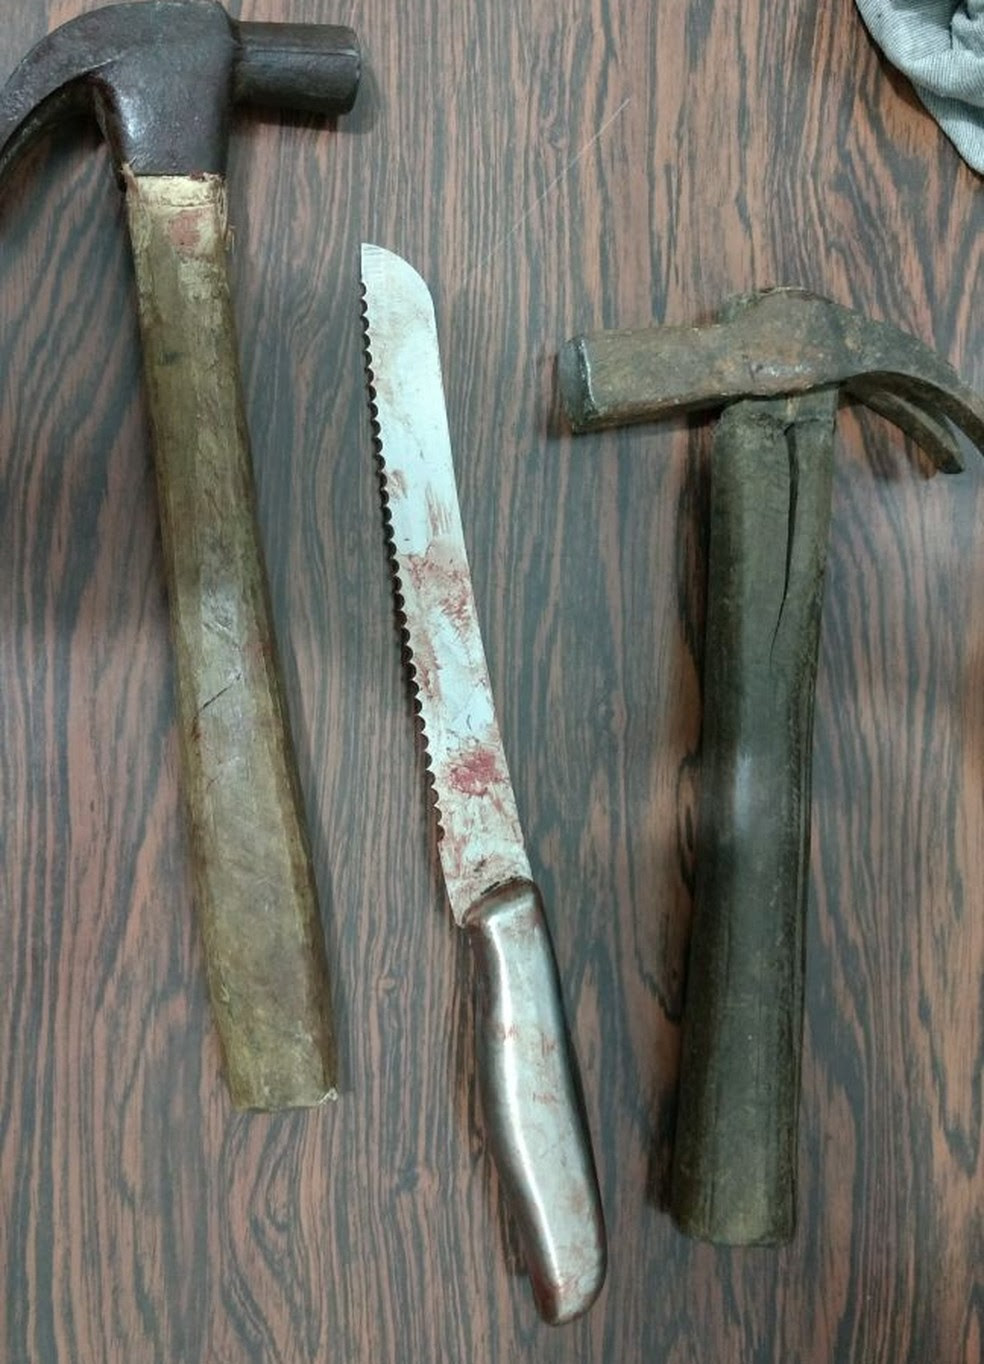 Na casa foram apreendidos dois martelos e faca de pão com marcas de sangue (Foto: Polícia Civil/Divulgação)